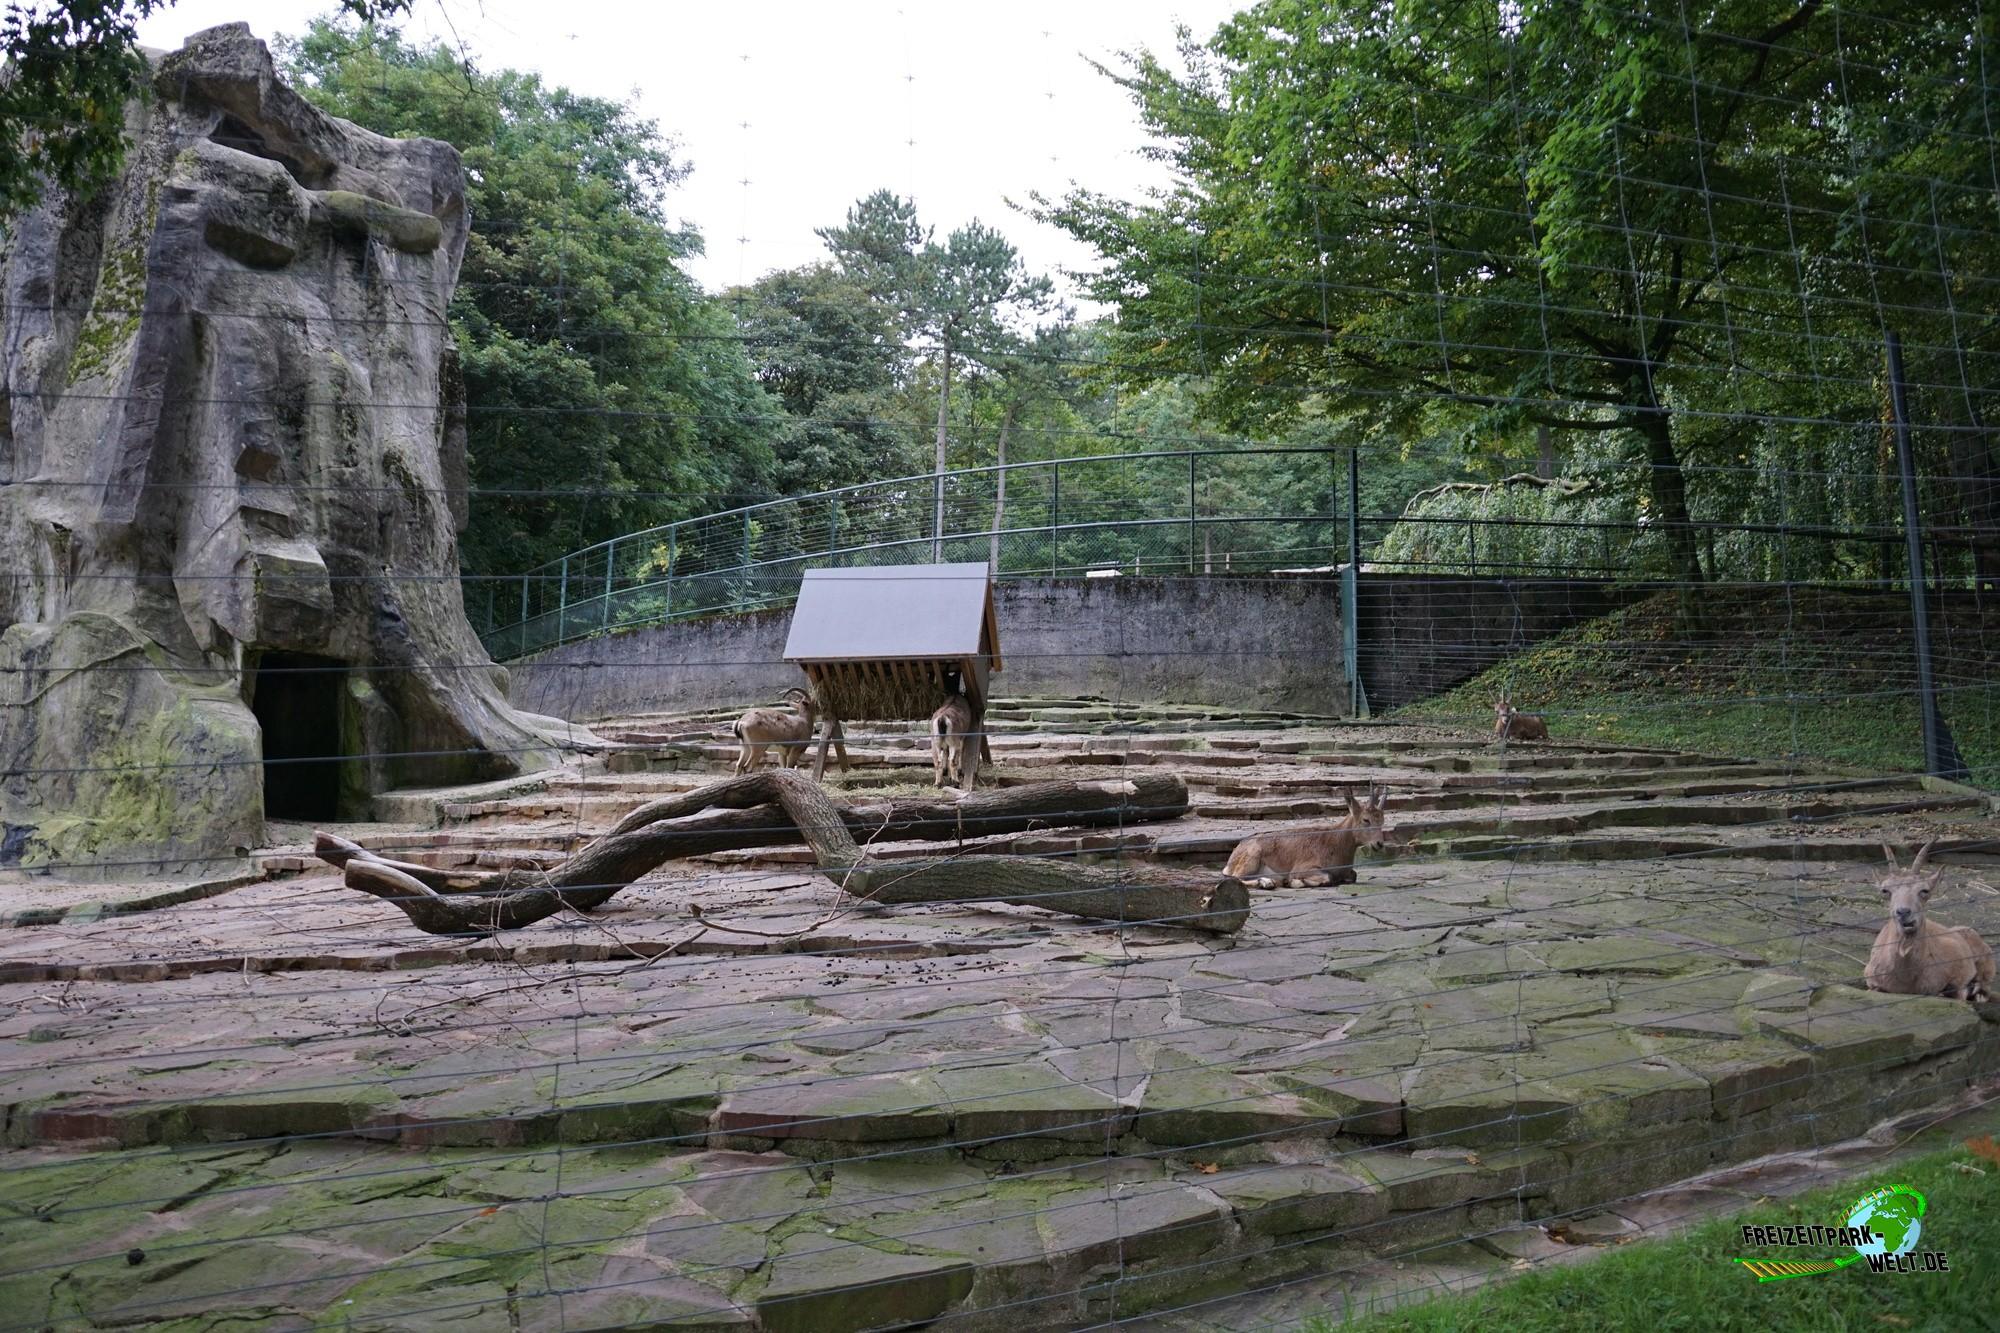 sibirischer steinbock zoo wuppertal freizeitpark. Black Bedroom Furniture Sets. Home Design Ideas